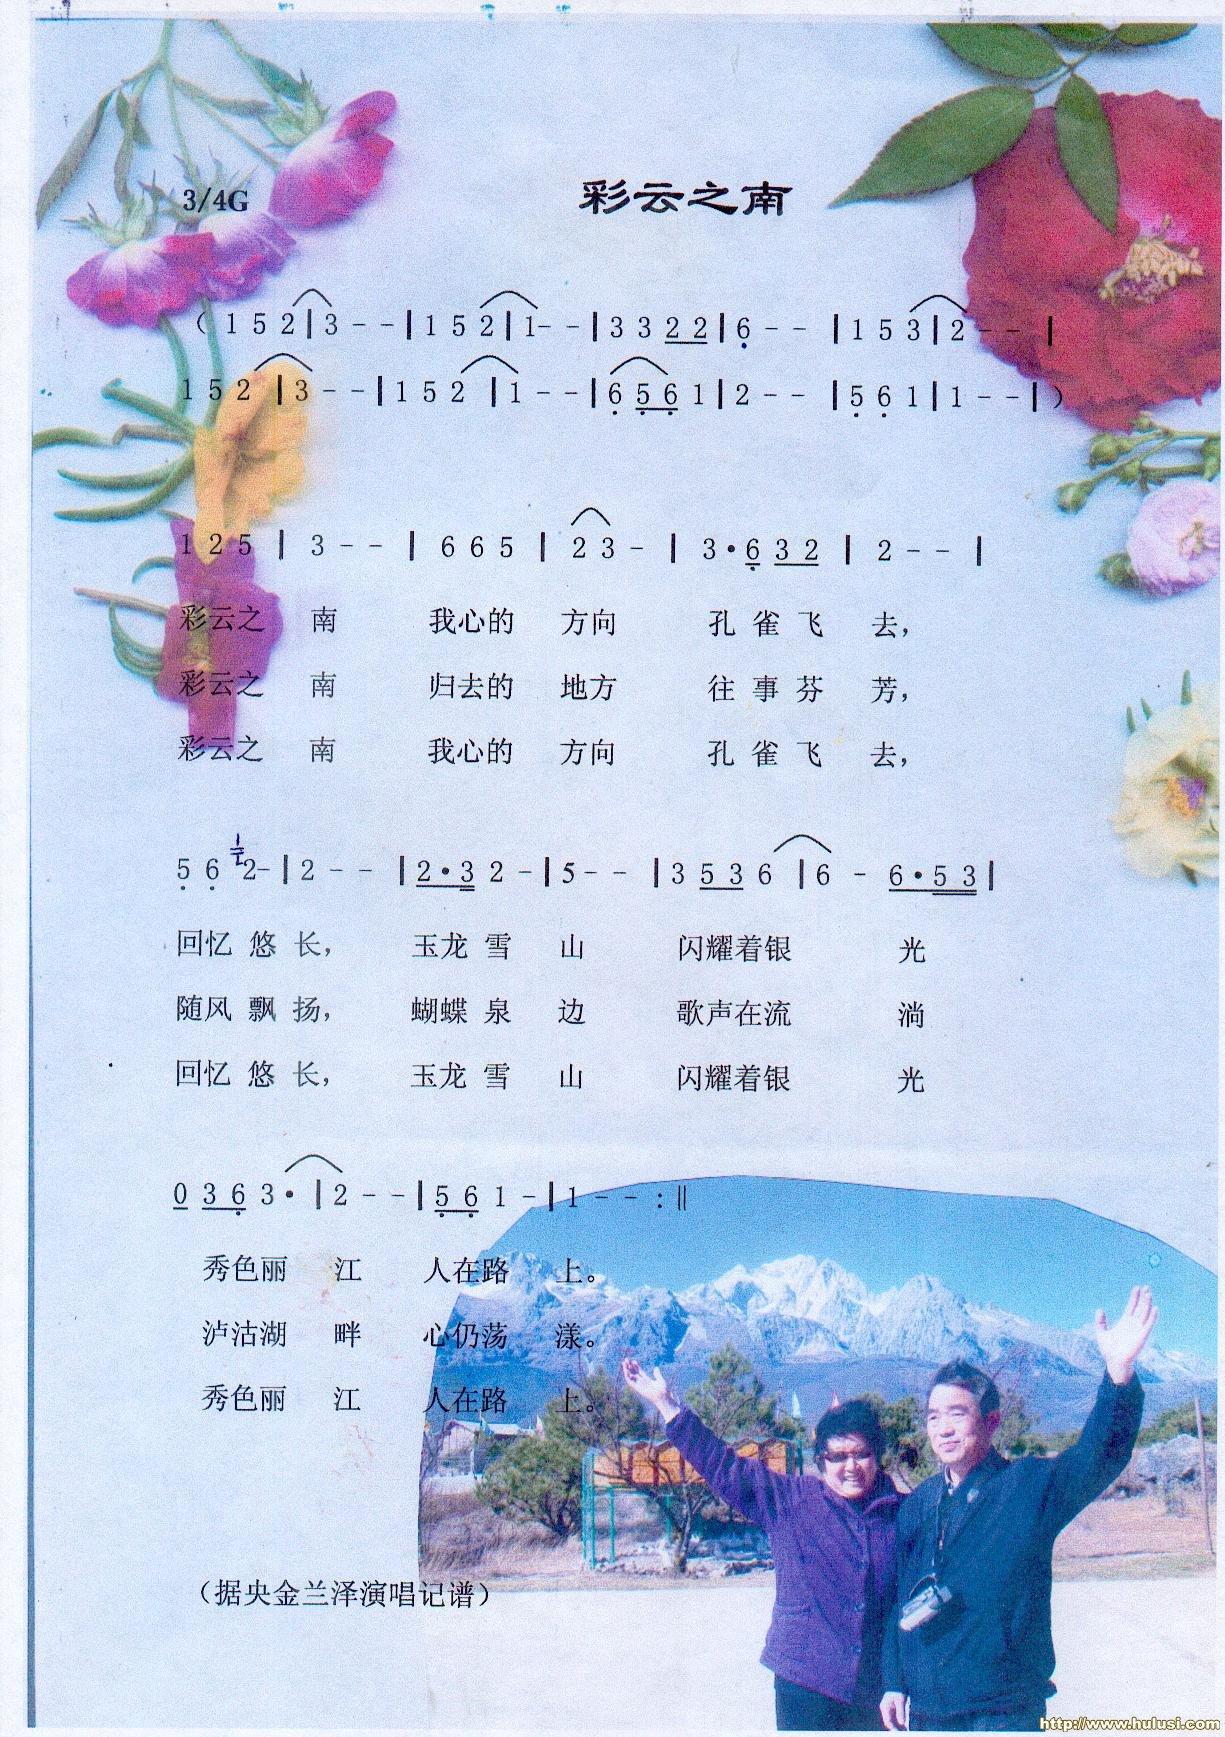 南山南歌曲简谱歌谱-之南 葫芦丝 曲谱